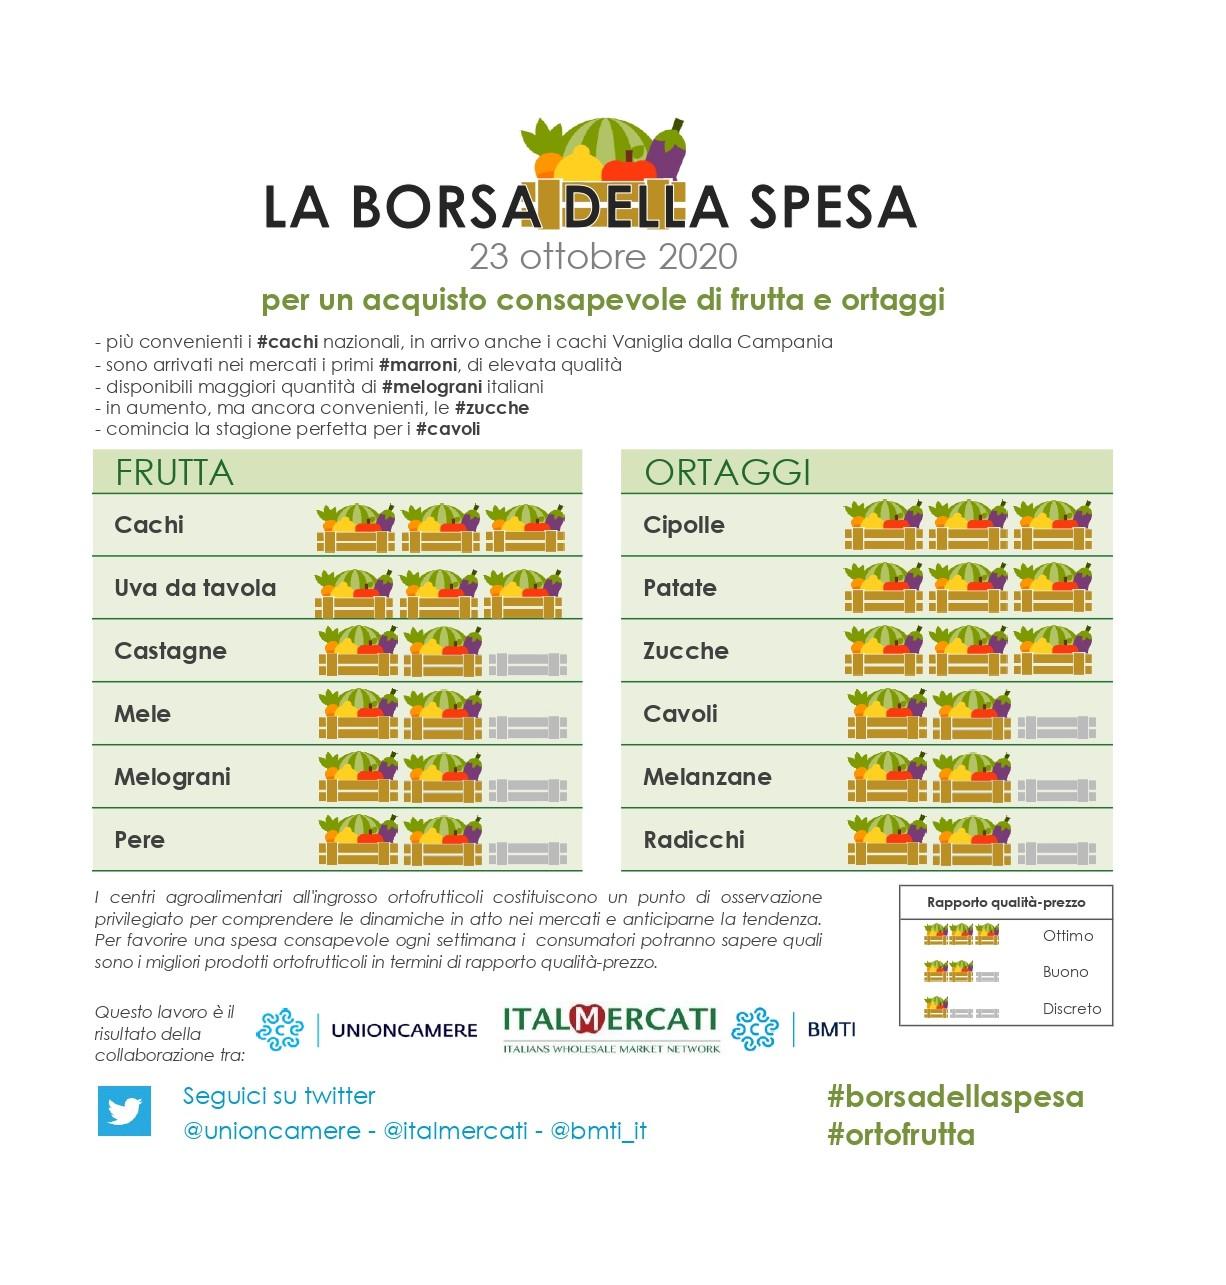 Nella #borsadellaspesa di #ortofrutta di questa settimana: #cipolle, #patate, #zucche, #cachi e #uva da tavola - 23 ottobre 2020